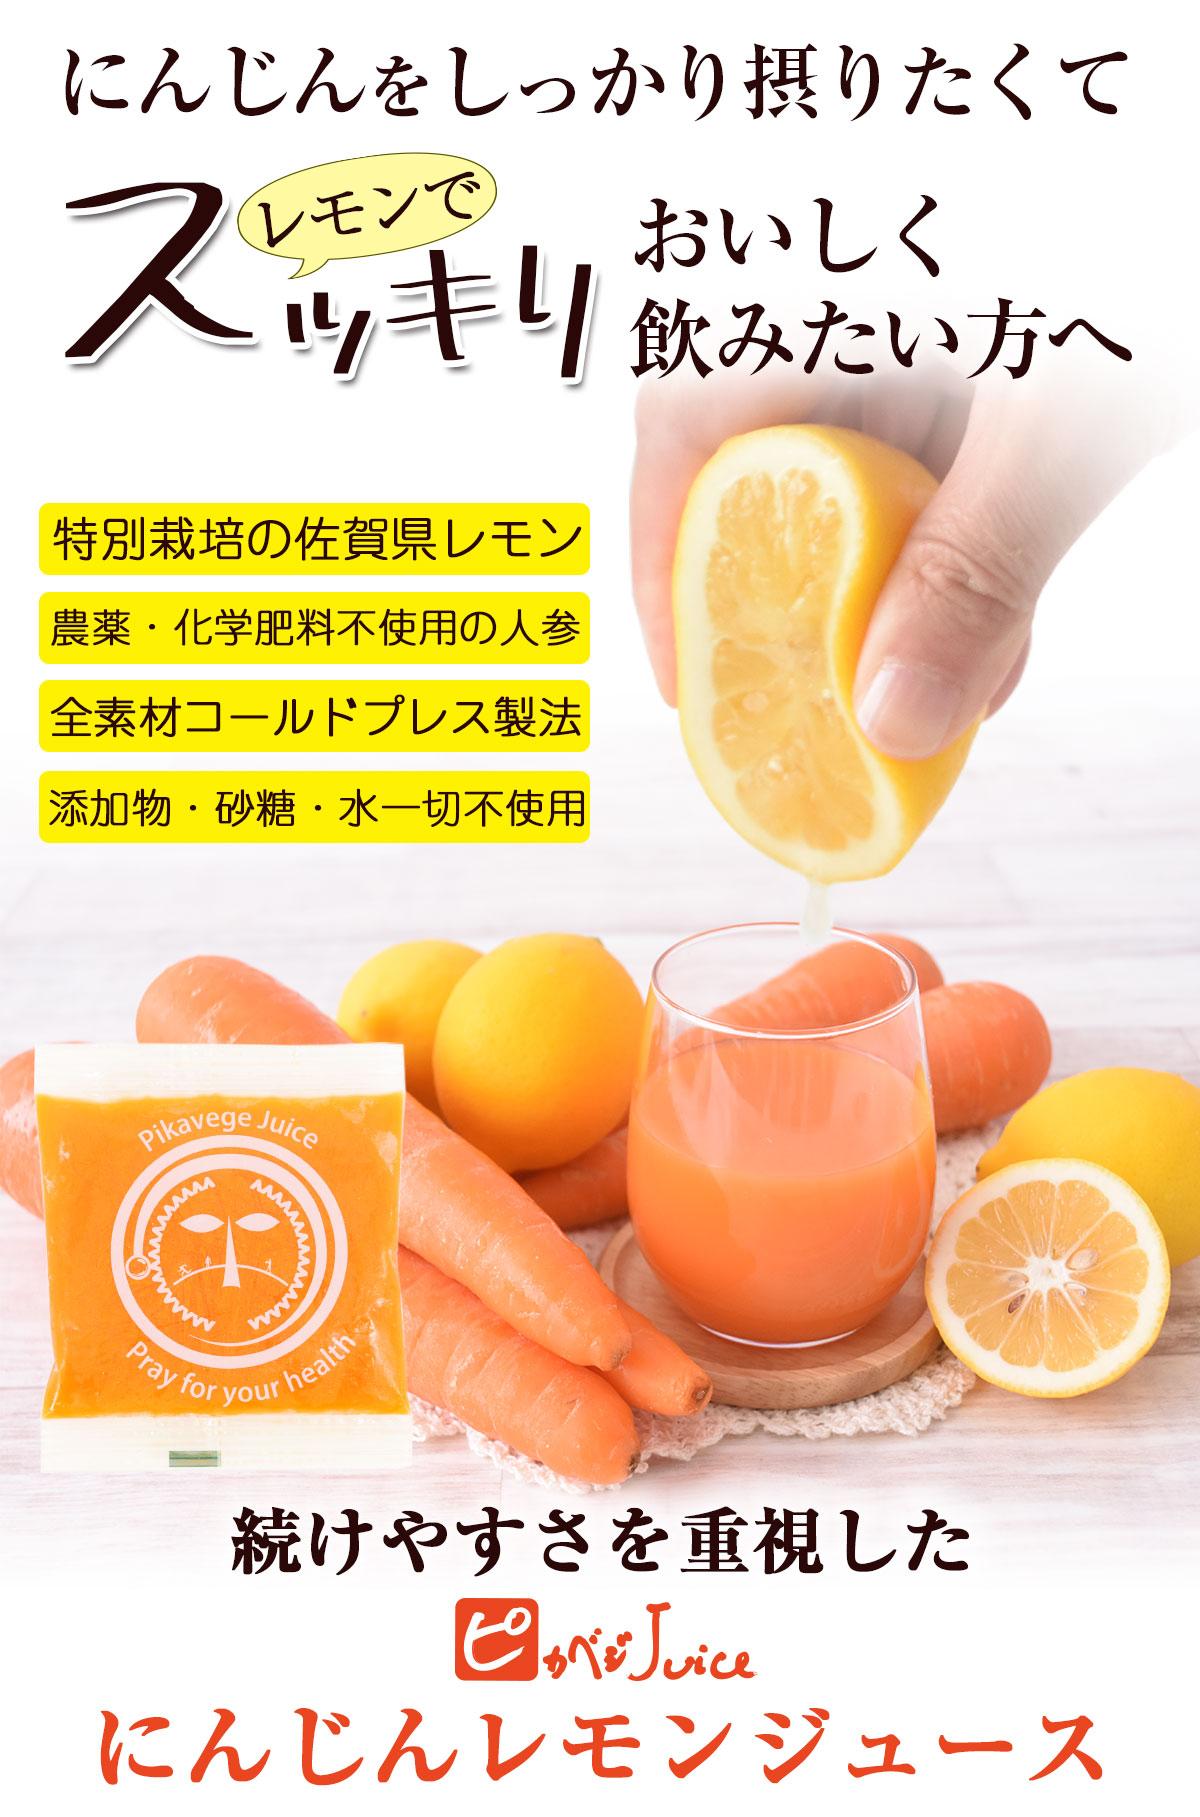 レモンでスッキリおいしく飲みたい方へ